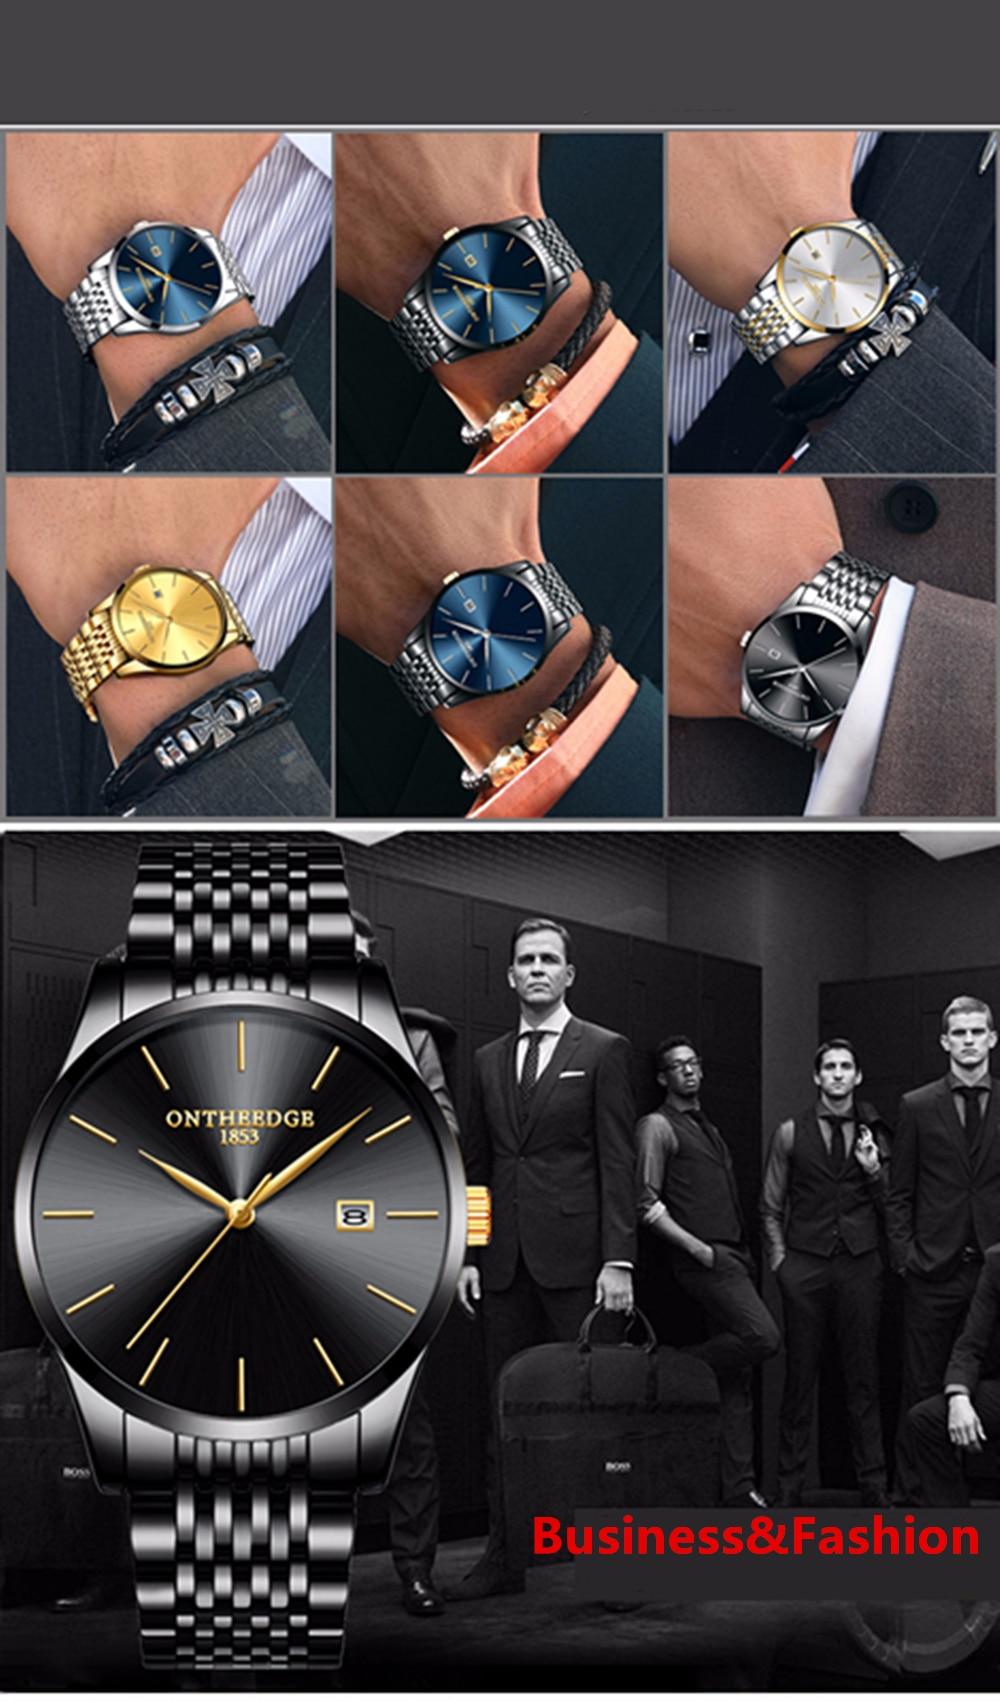 Ontheedge Pria Jam Baja Merek Mewah Quartz Wrist Watches Ultra Qampampq Resin Analog Tangan Wanita Hitam Strap Karet Vq04j010y 8211249711 1886920506 8227651478 8239229512 8239262095